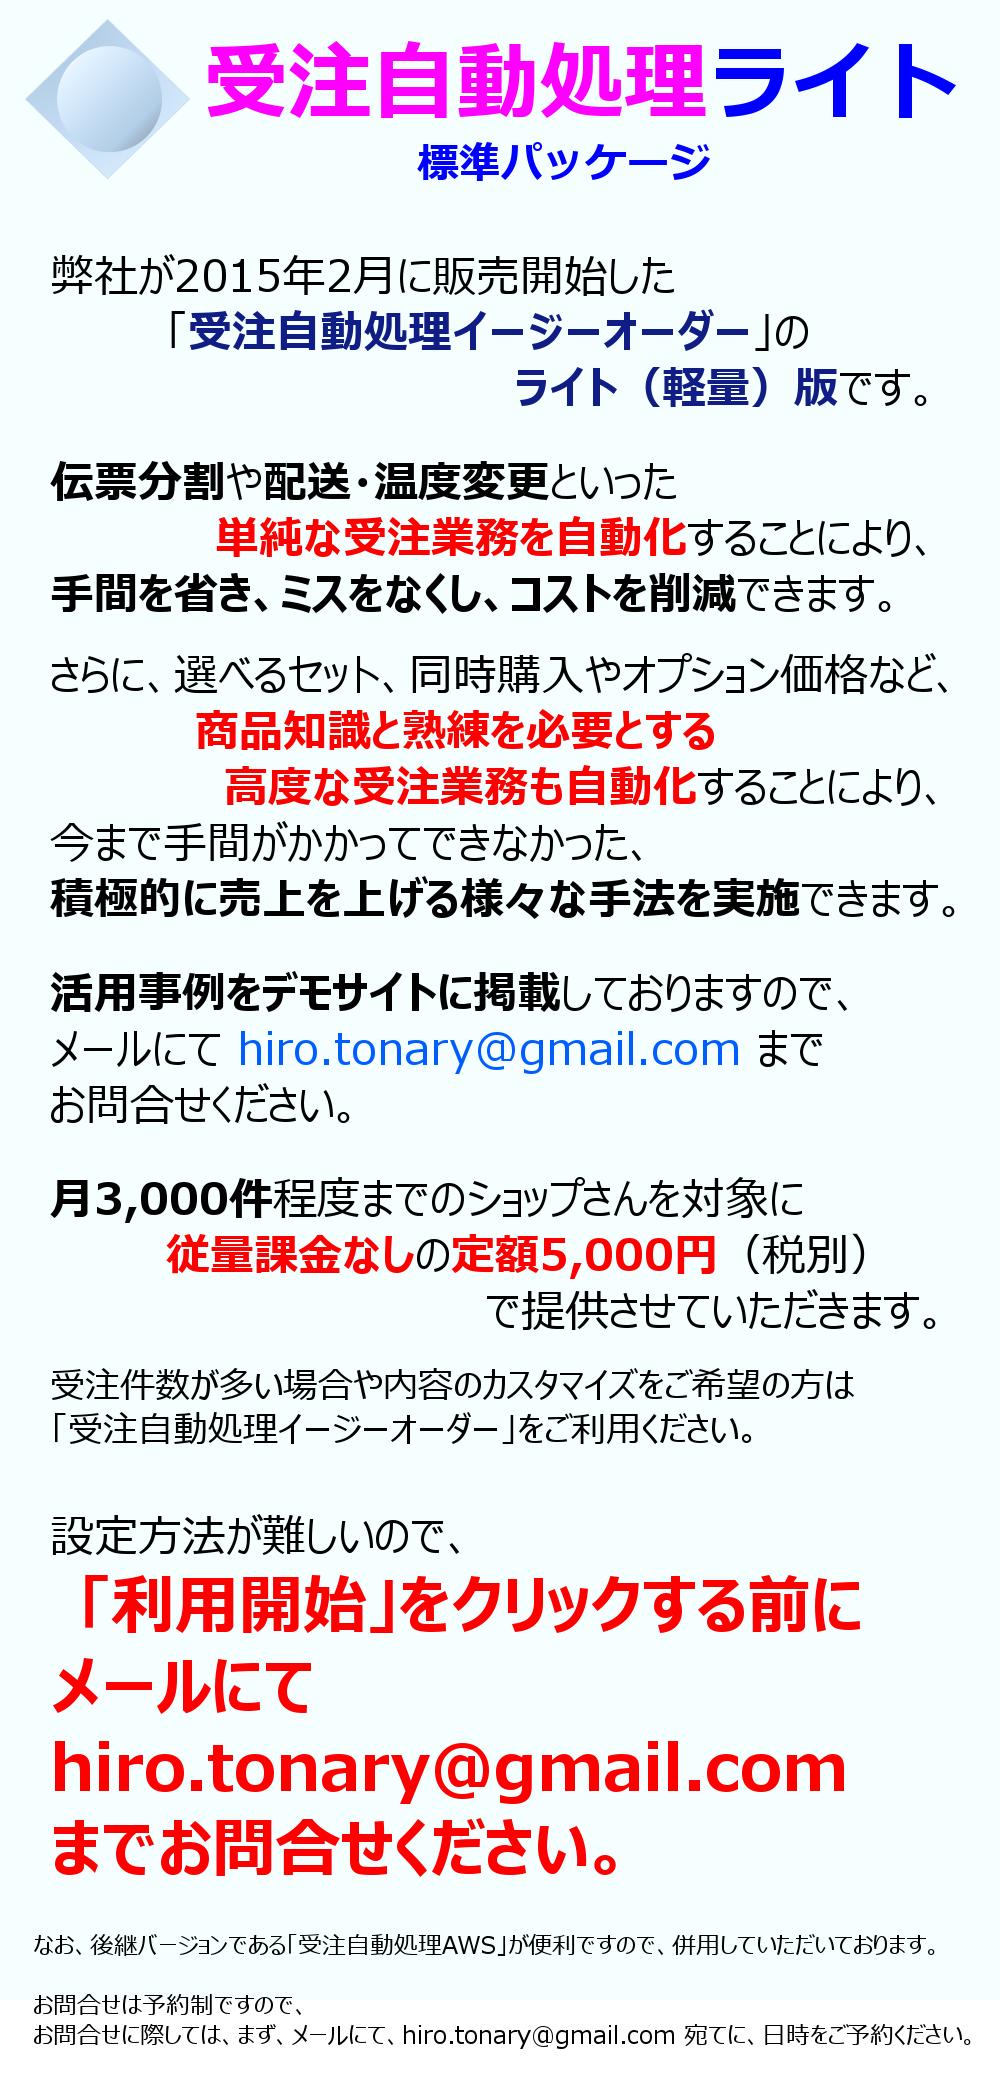 【業務自動化アプリ】受注自動処理ライト